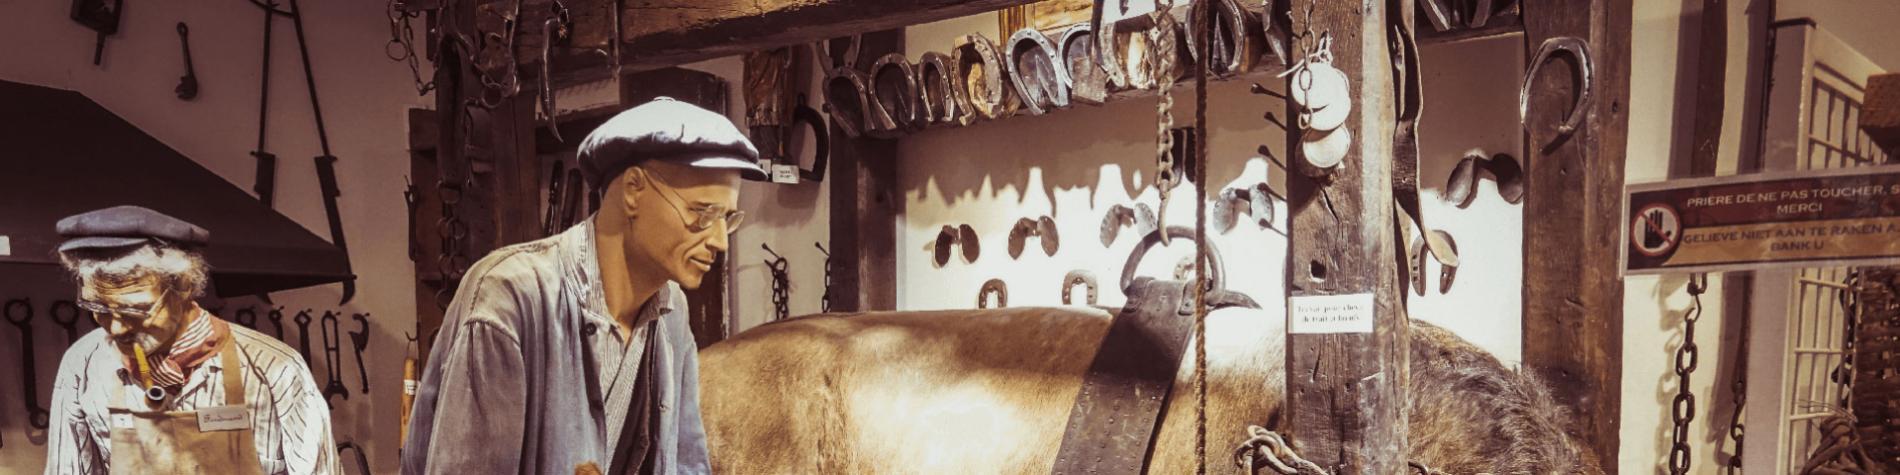 Domaine des Grottes de Han - Han 1900 - Maison - vie paysanne - métiers oubliés